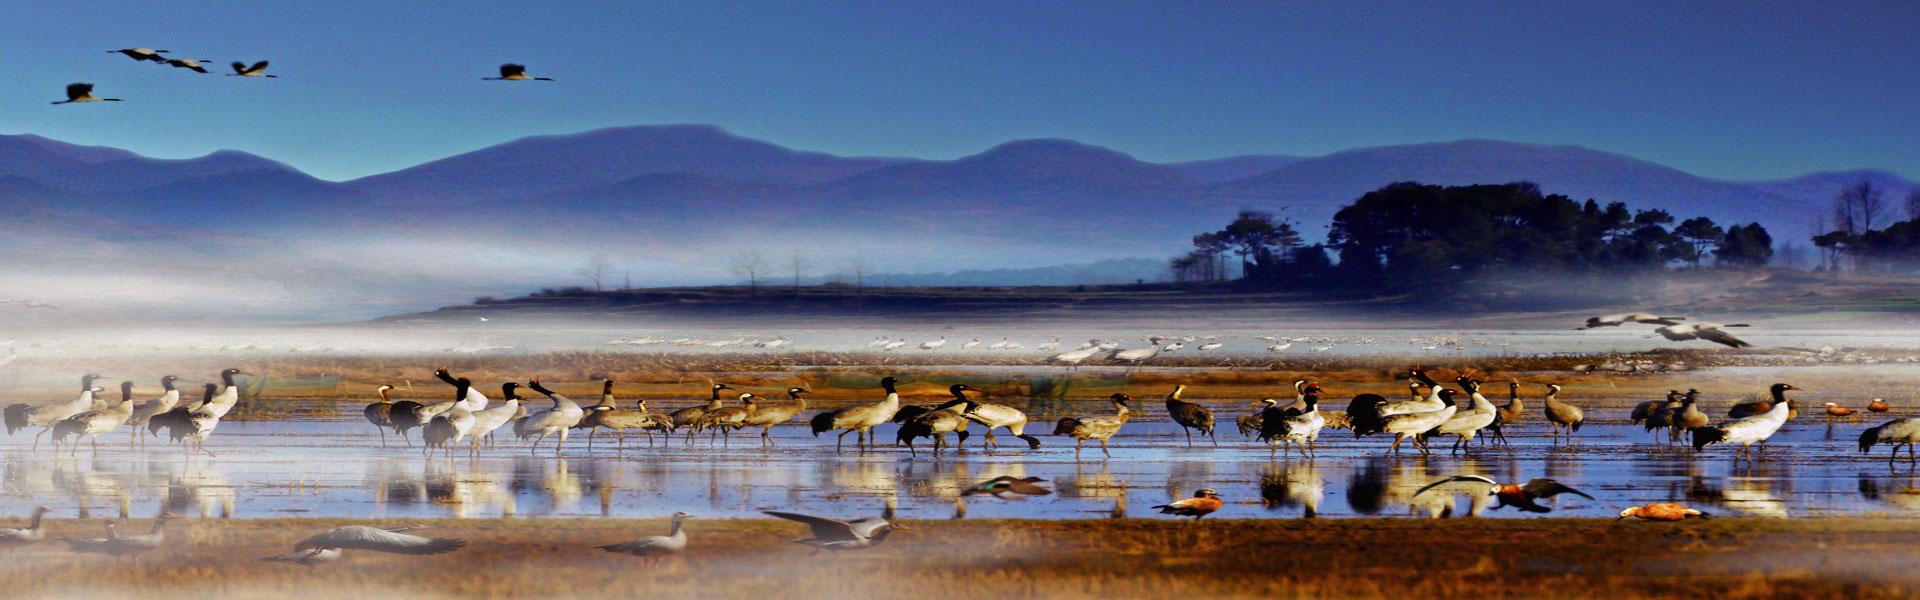 《贵州自驾36计》之第十九计 威宁草海 绿水悠悠候鸟啼